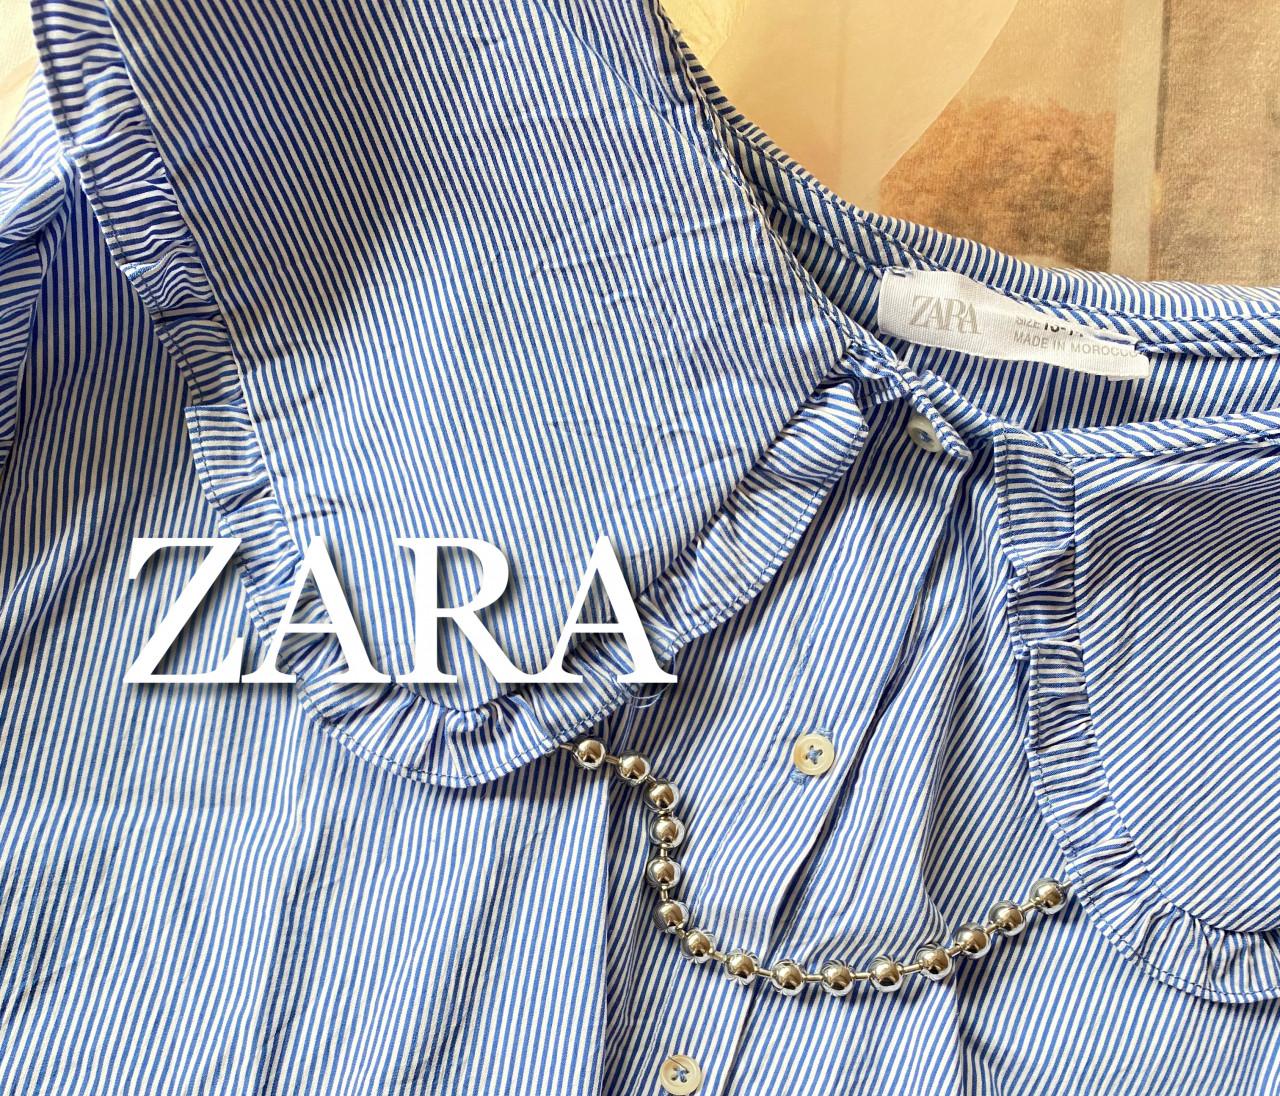 """【ZARA】saleでゲット!トレンドの""""ビッグカラーブラウス"""""""